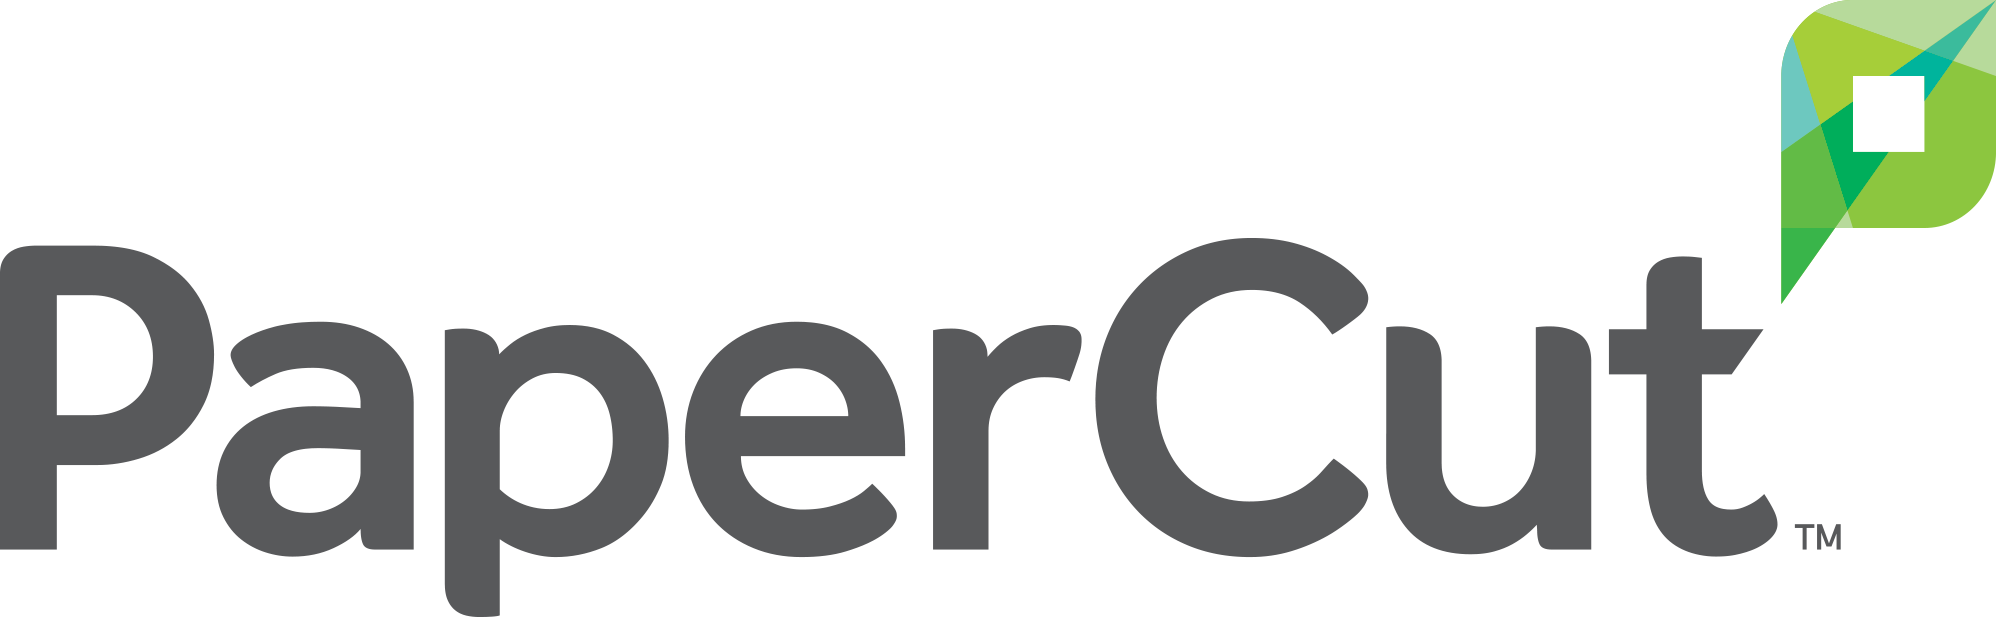 PaperCut logo